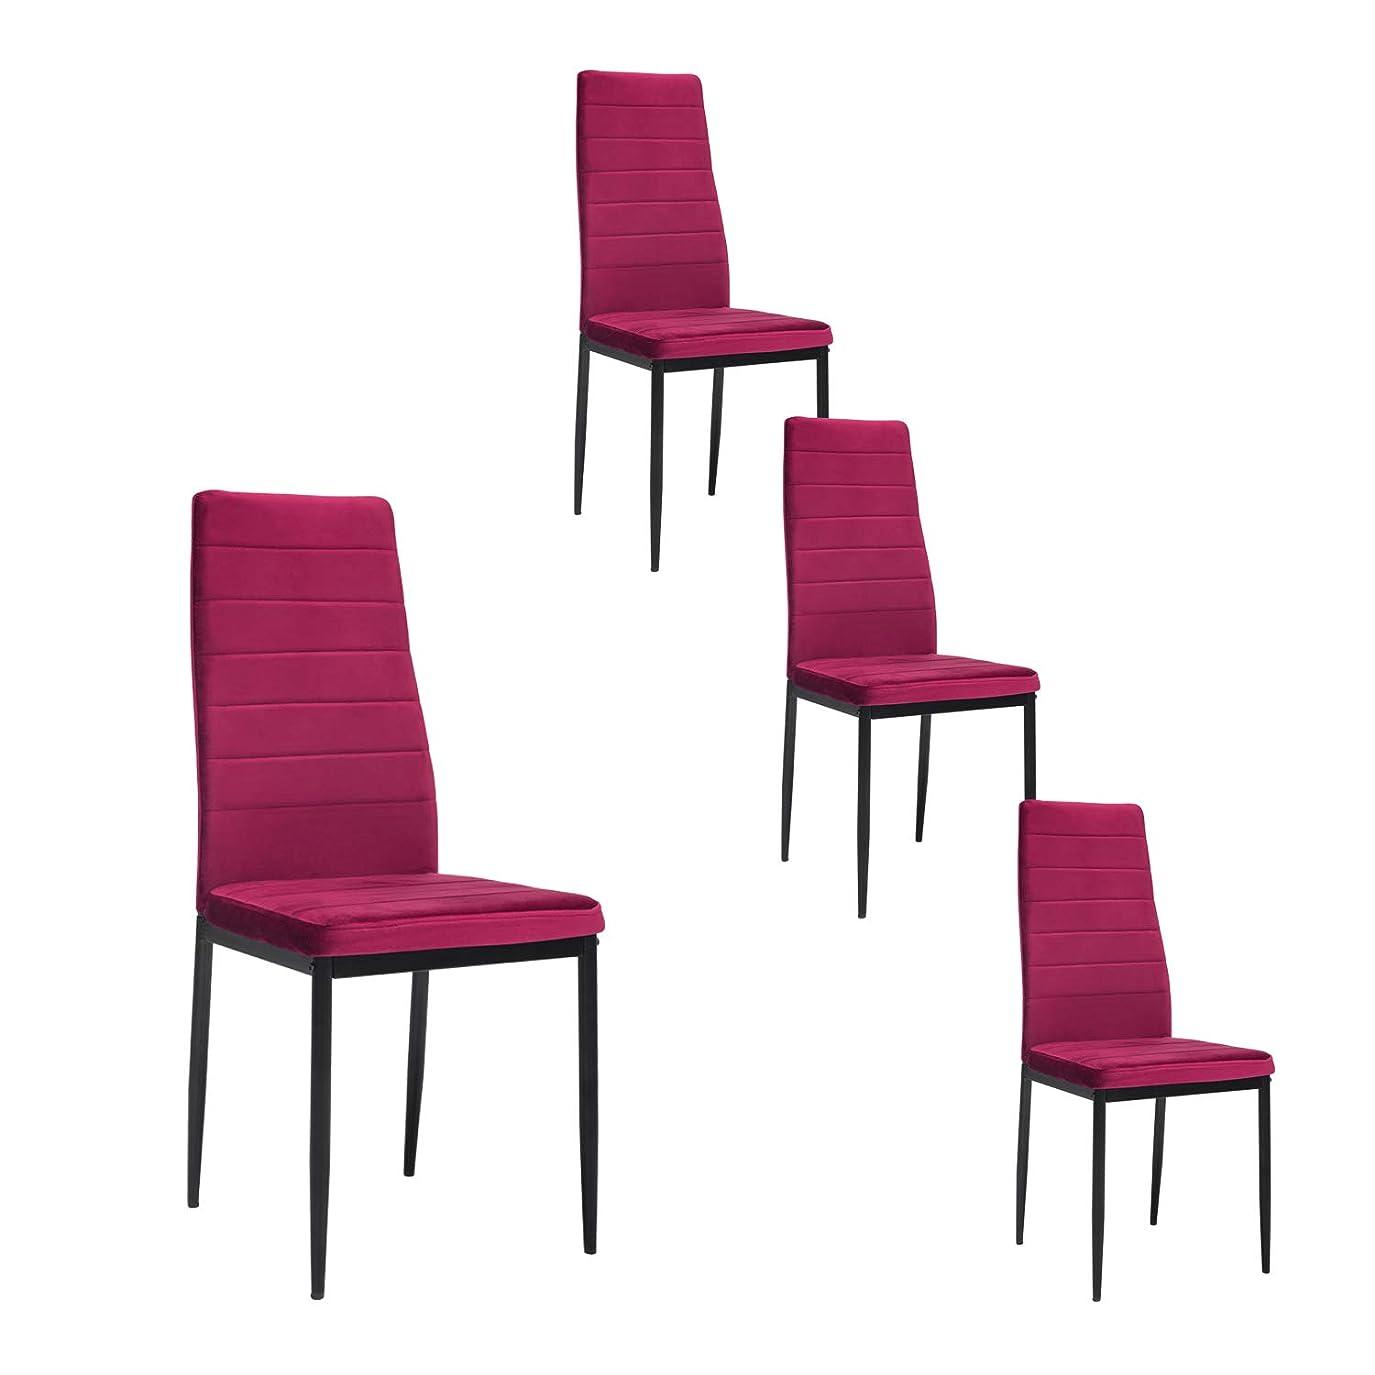 購入自分の力ですべてをするペルセウスダイニングチェア ハイバック ベルベット 椅子 チェアー 北欧 イス レザー オフェス 食卓椅子 レトロ モダン 4脚セット (レッド)